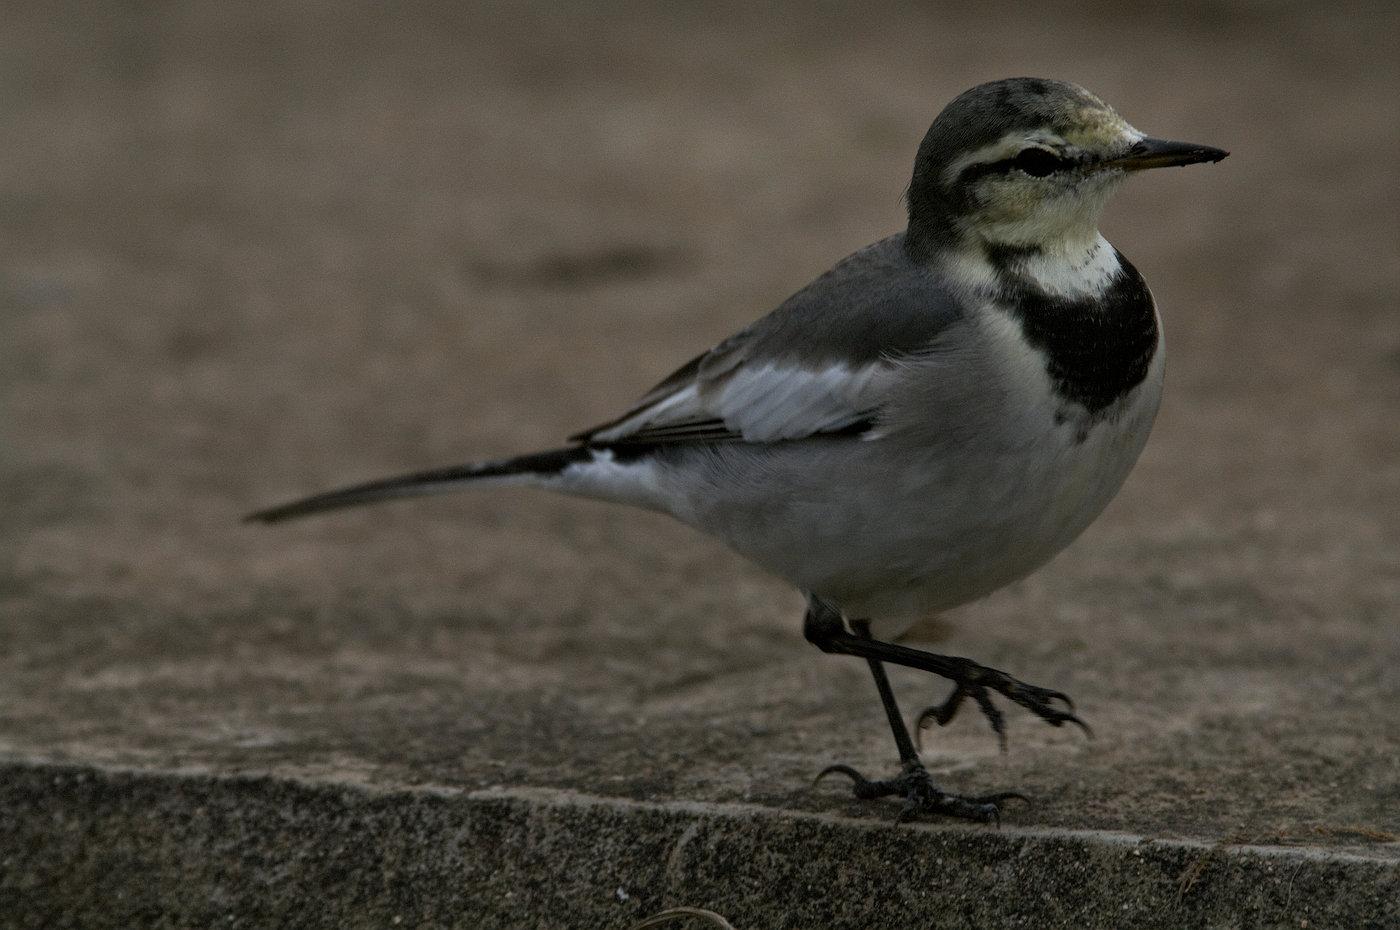 AFボーグ BORG71FLで撮影した野鳥・ハクセキレイの写真画像